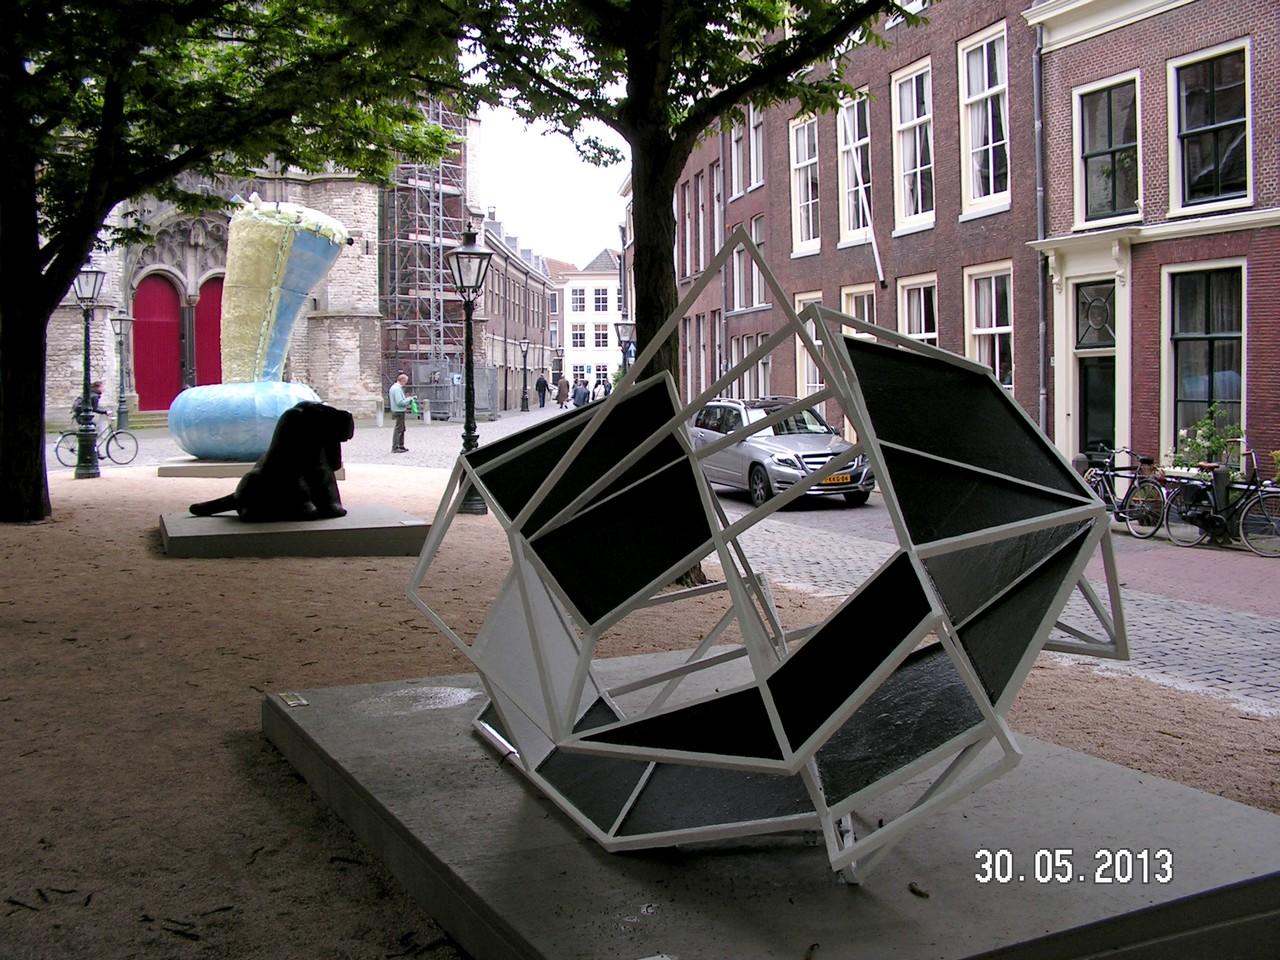 30-05-2013 Leiden - BIL - Beelden in Leiden 016(14)